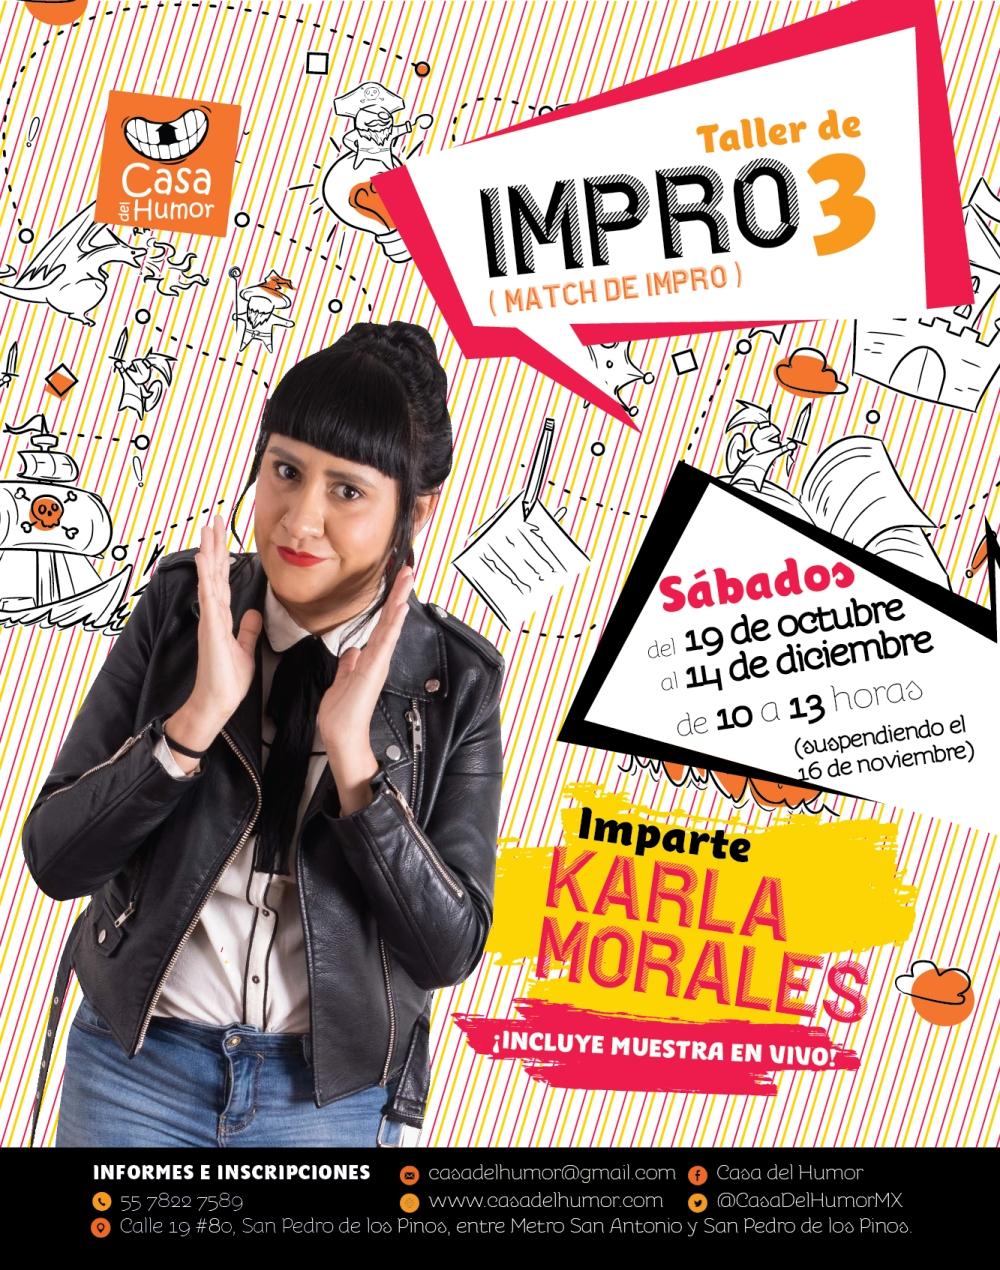 Casa_del_humor_impro3_karlamorales-01.jpg